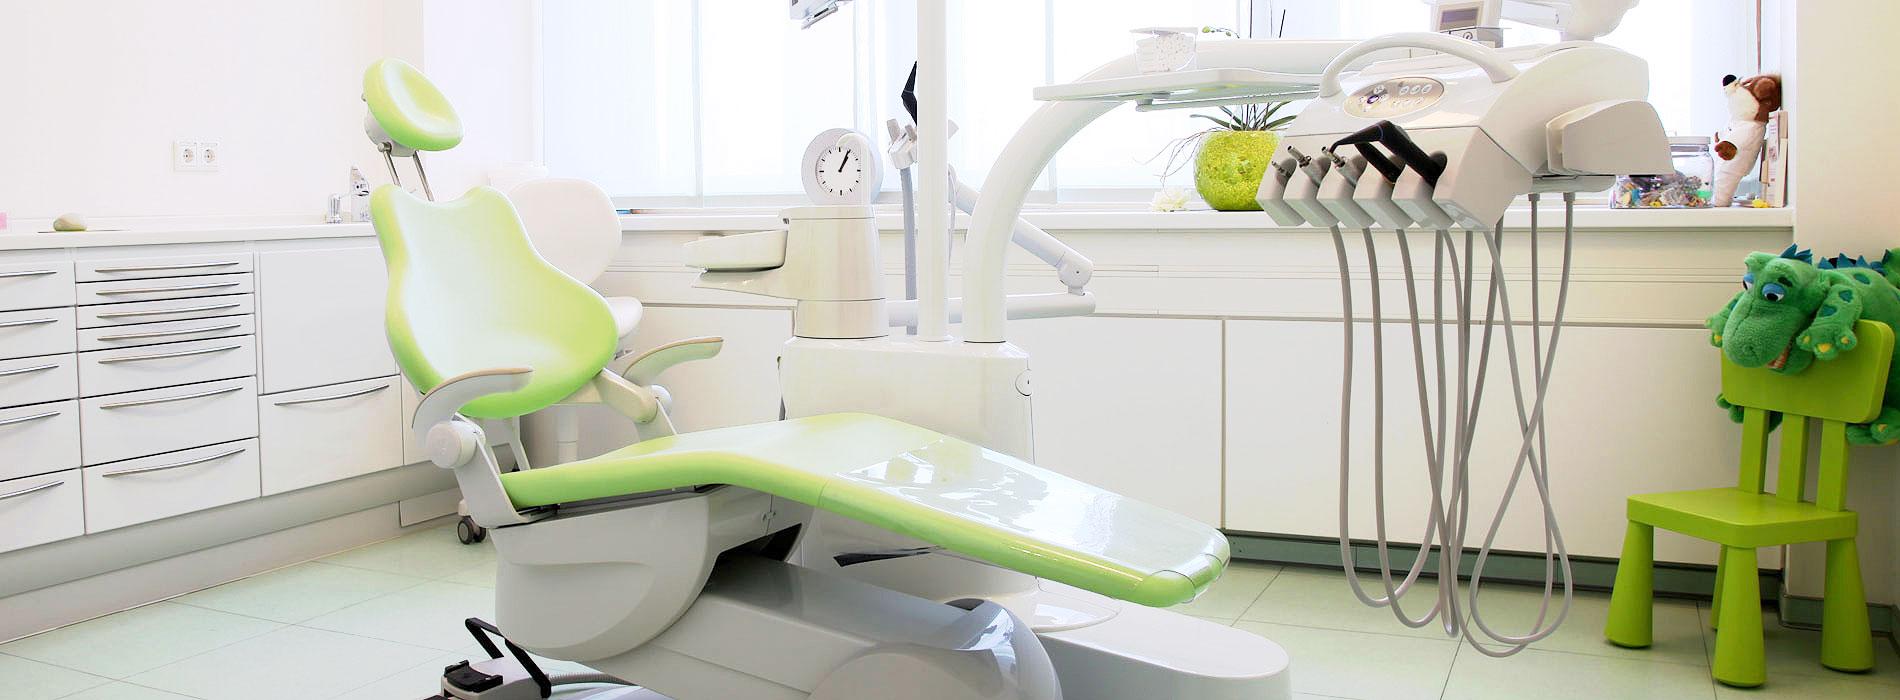 Behandlungsraum - Zahnarzt in Hannover